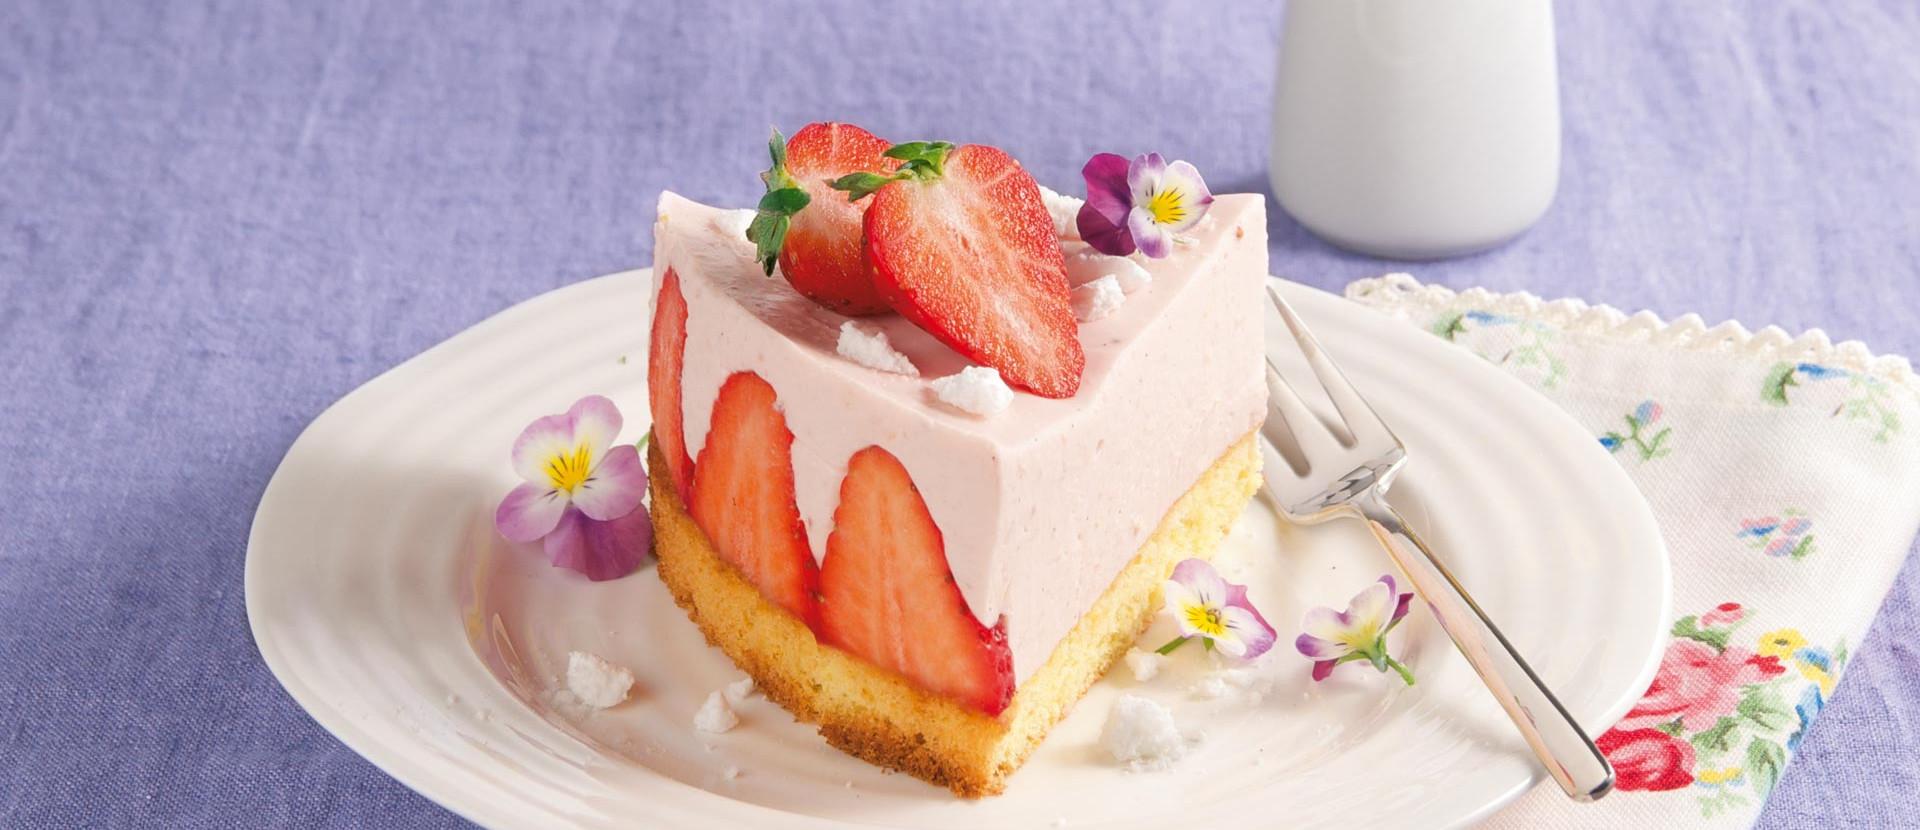 Kleiner Erdbeer-Cheesecake